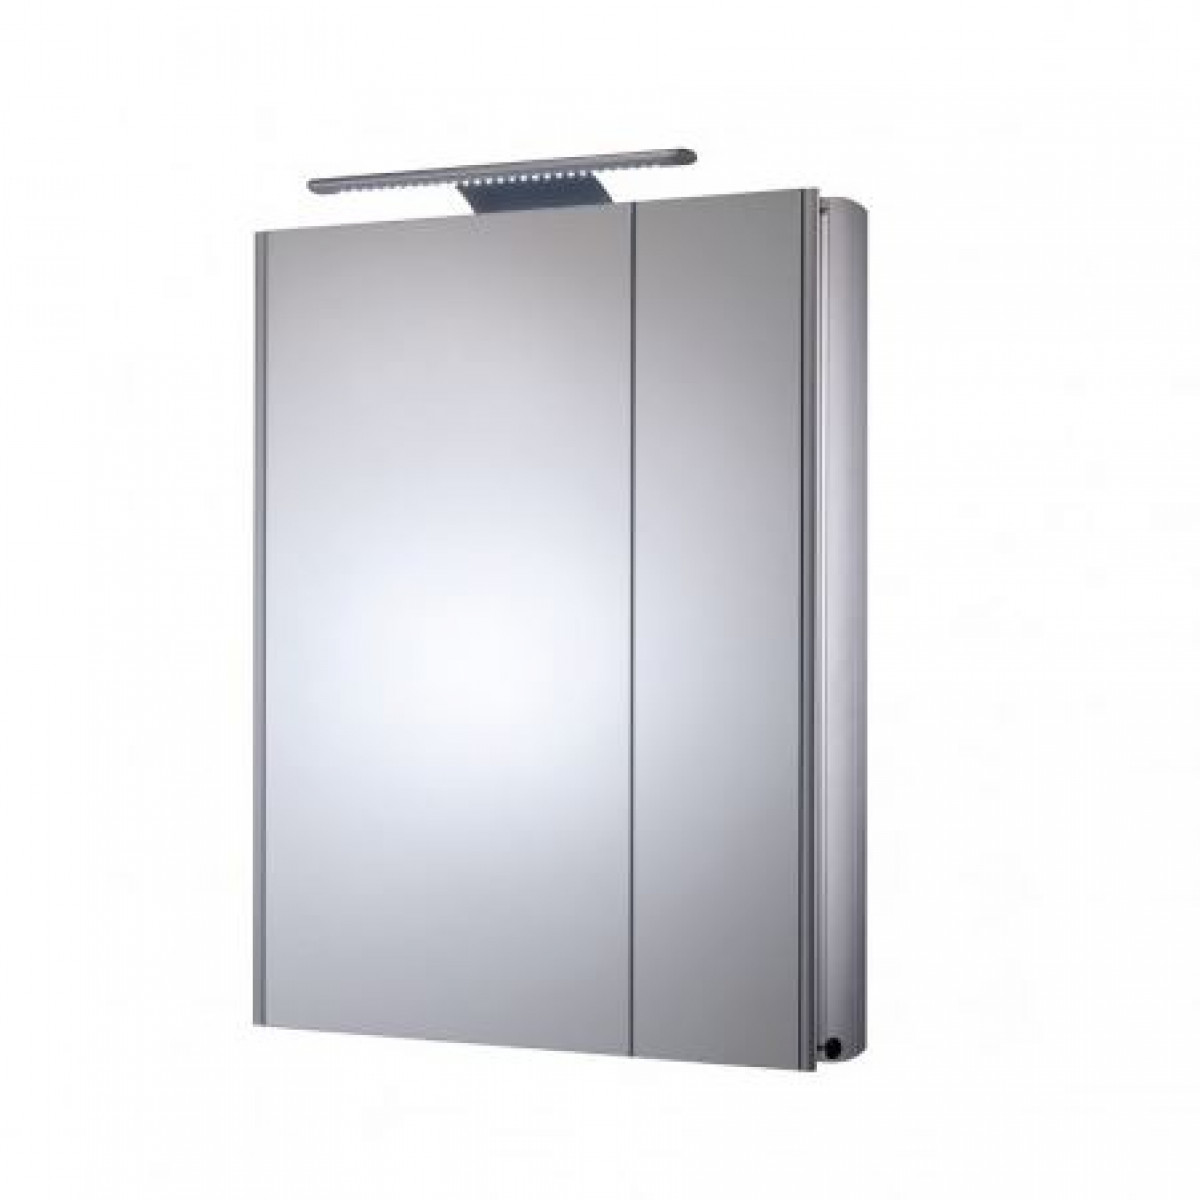 Roper Rhodes Refine Illuminated Slimline Cabinet With